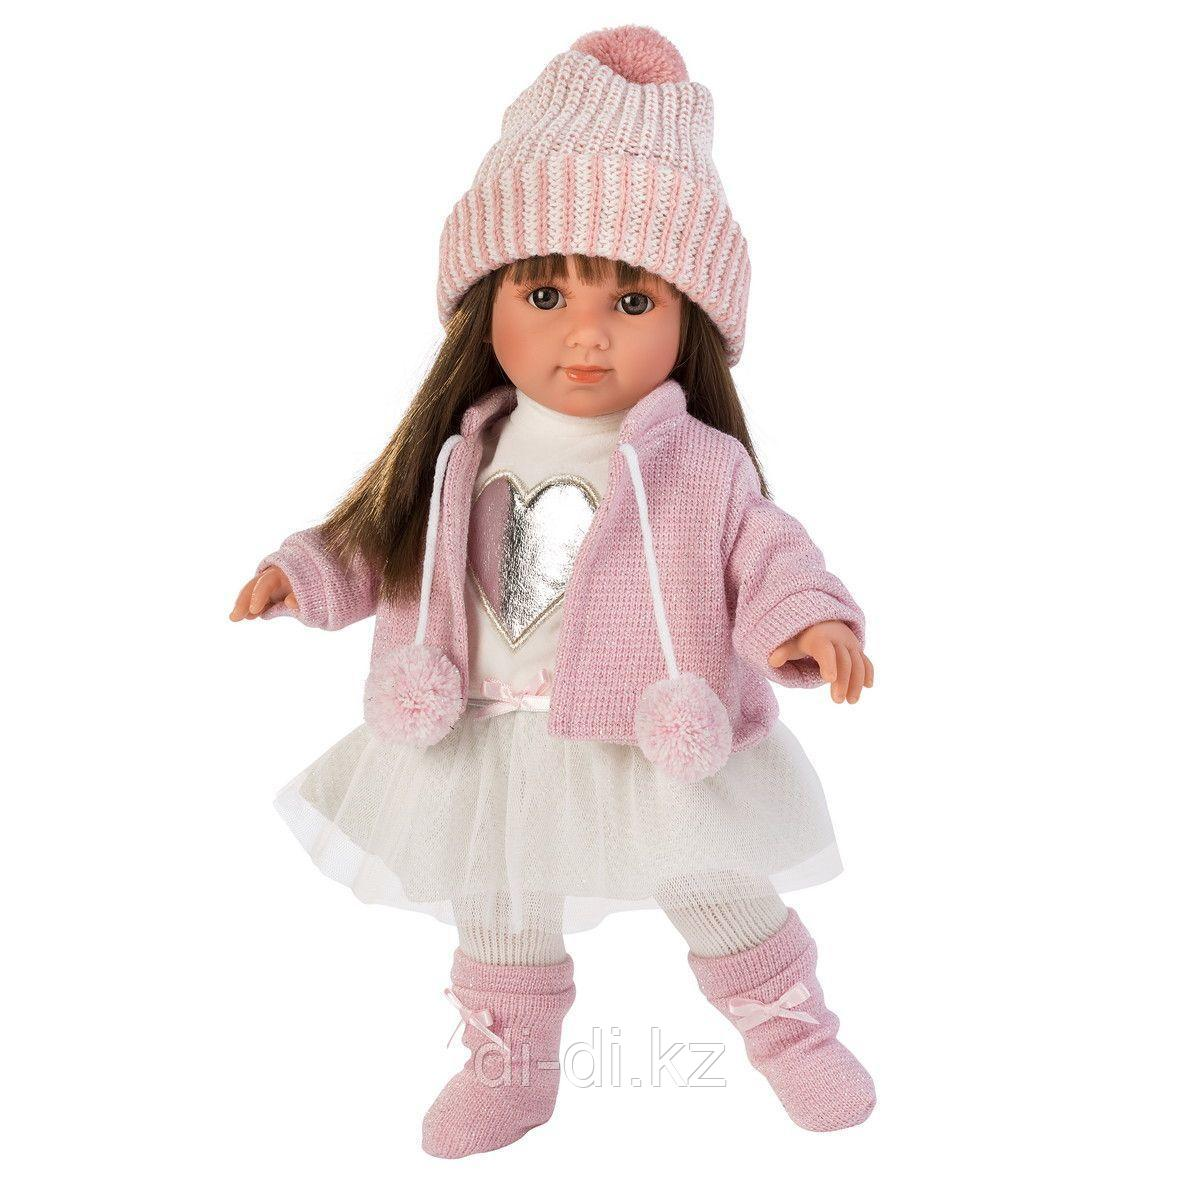 LLORENS Кукла Сара, 35 см, шатенка в розовом жакете и белой кружевной юбке